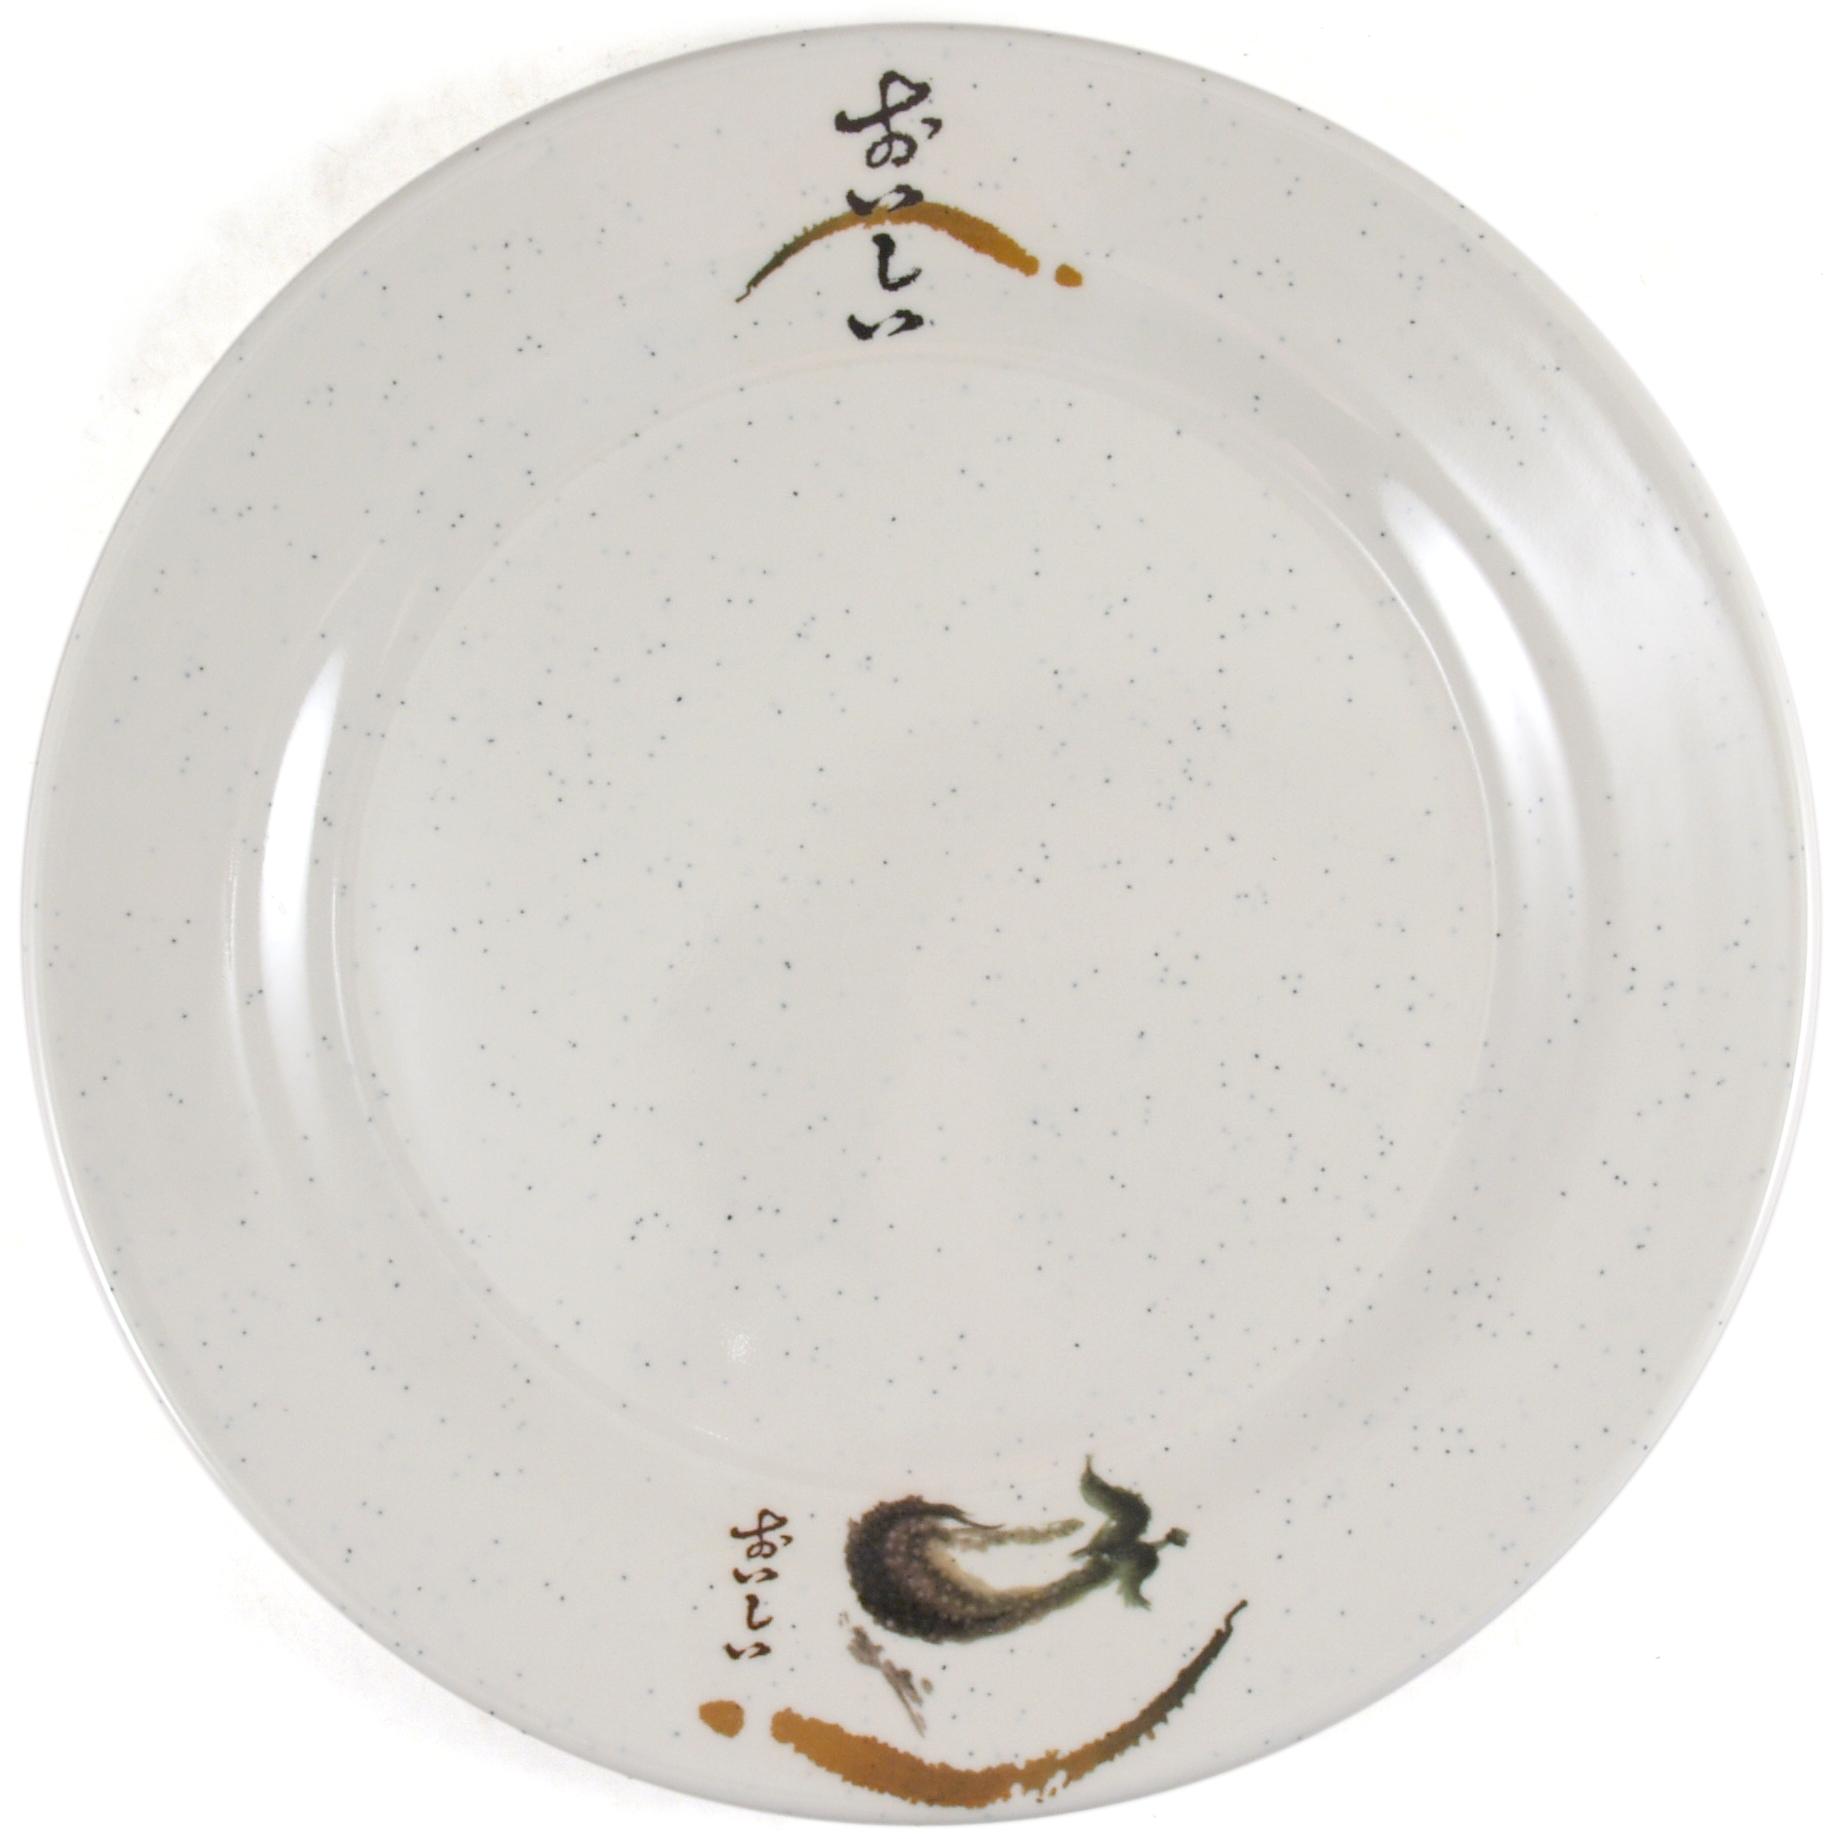 Japanese Oishii Cream Melamine Eggplant 10 Inch Dinner Plate